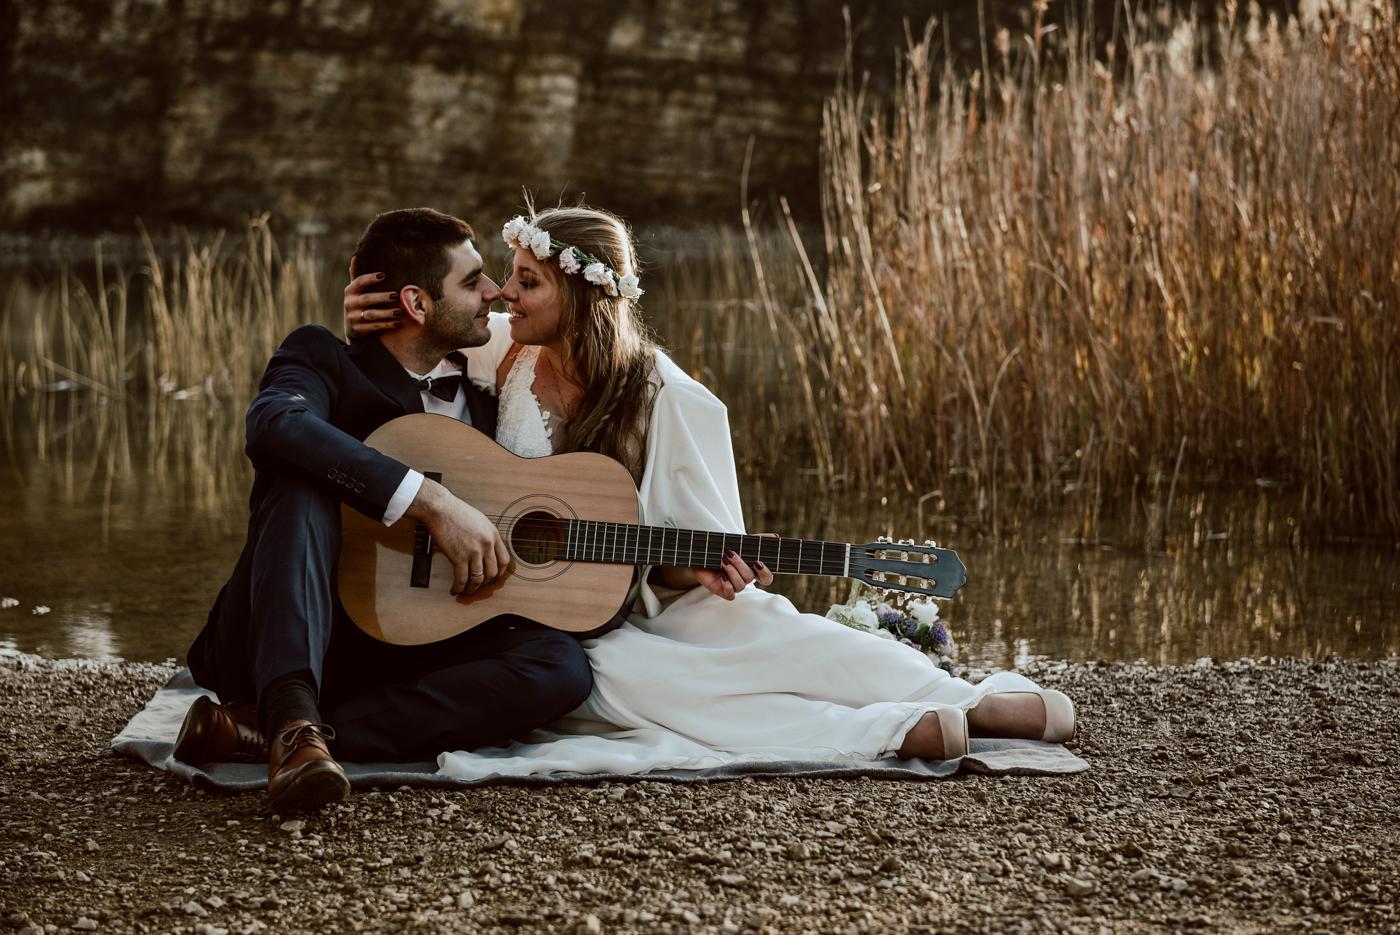 Młoda Para nad wodą z gitarą zaczyna się całować.